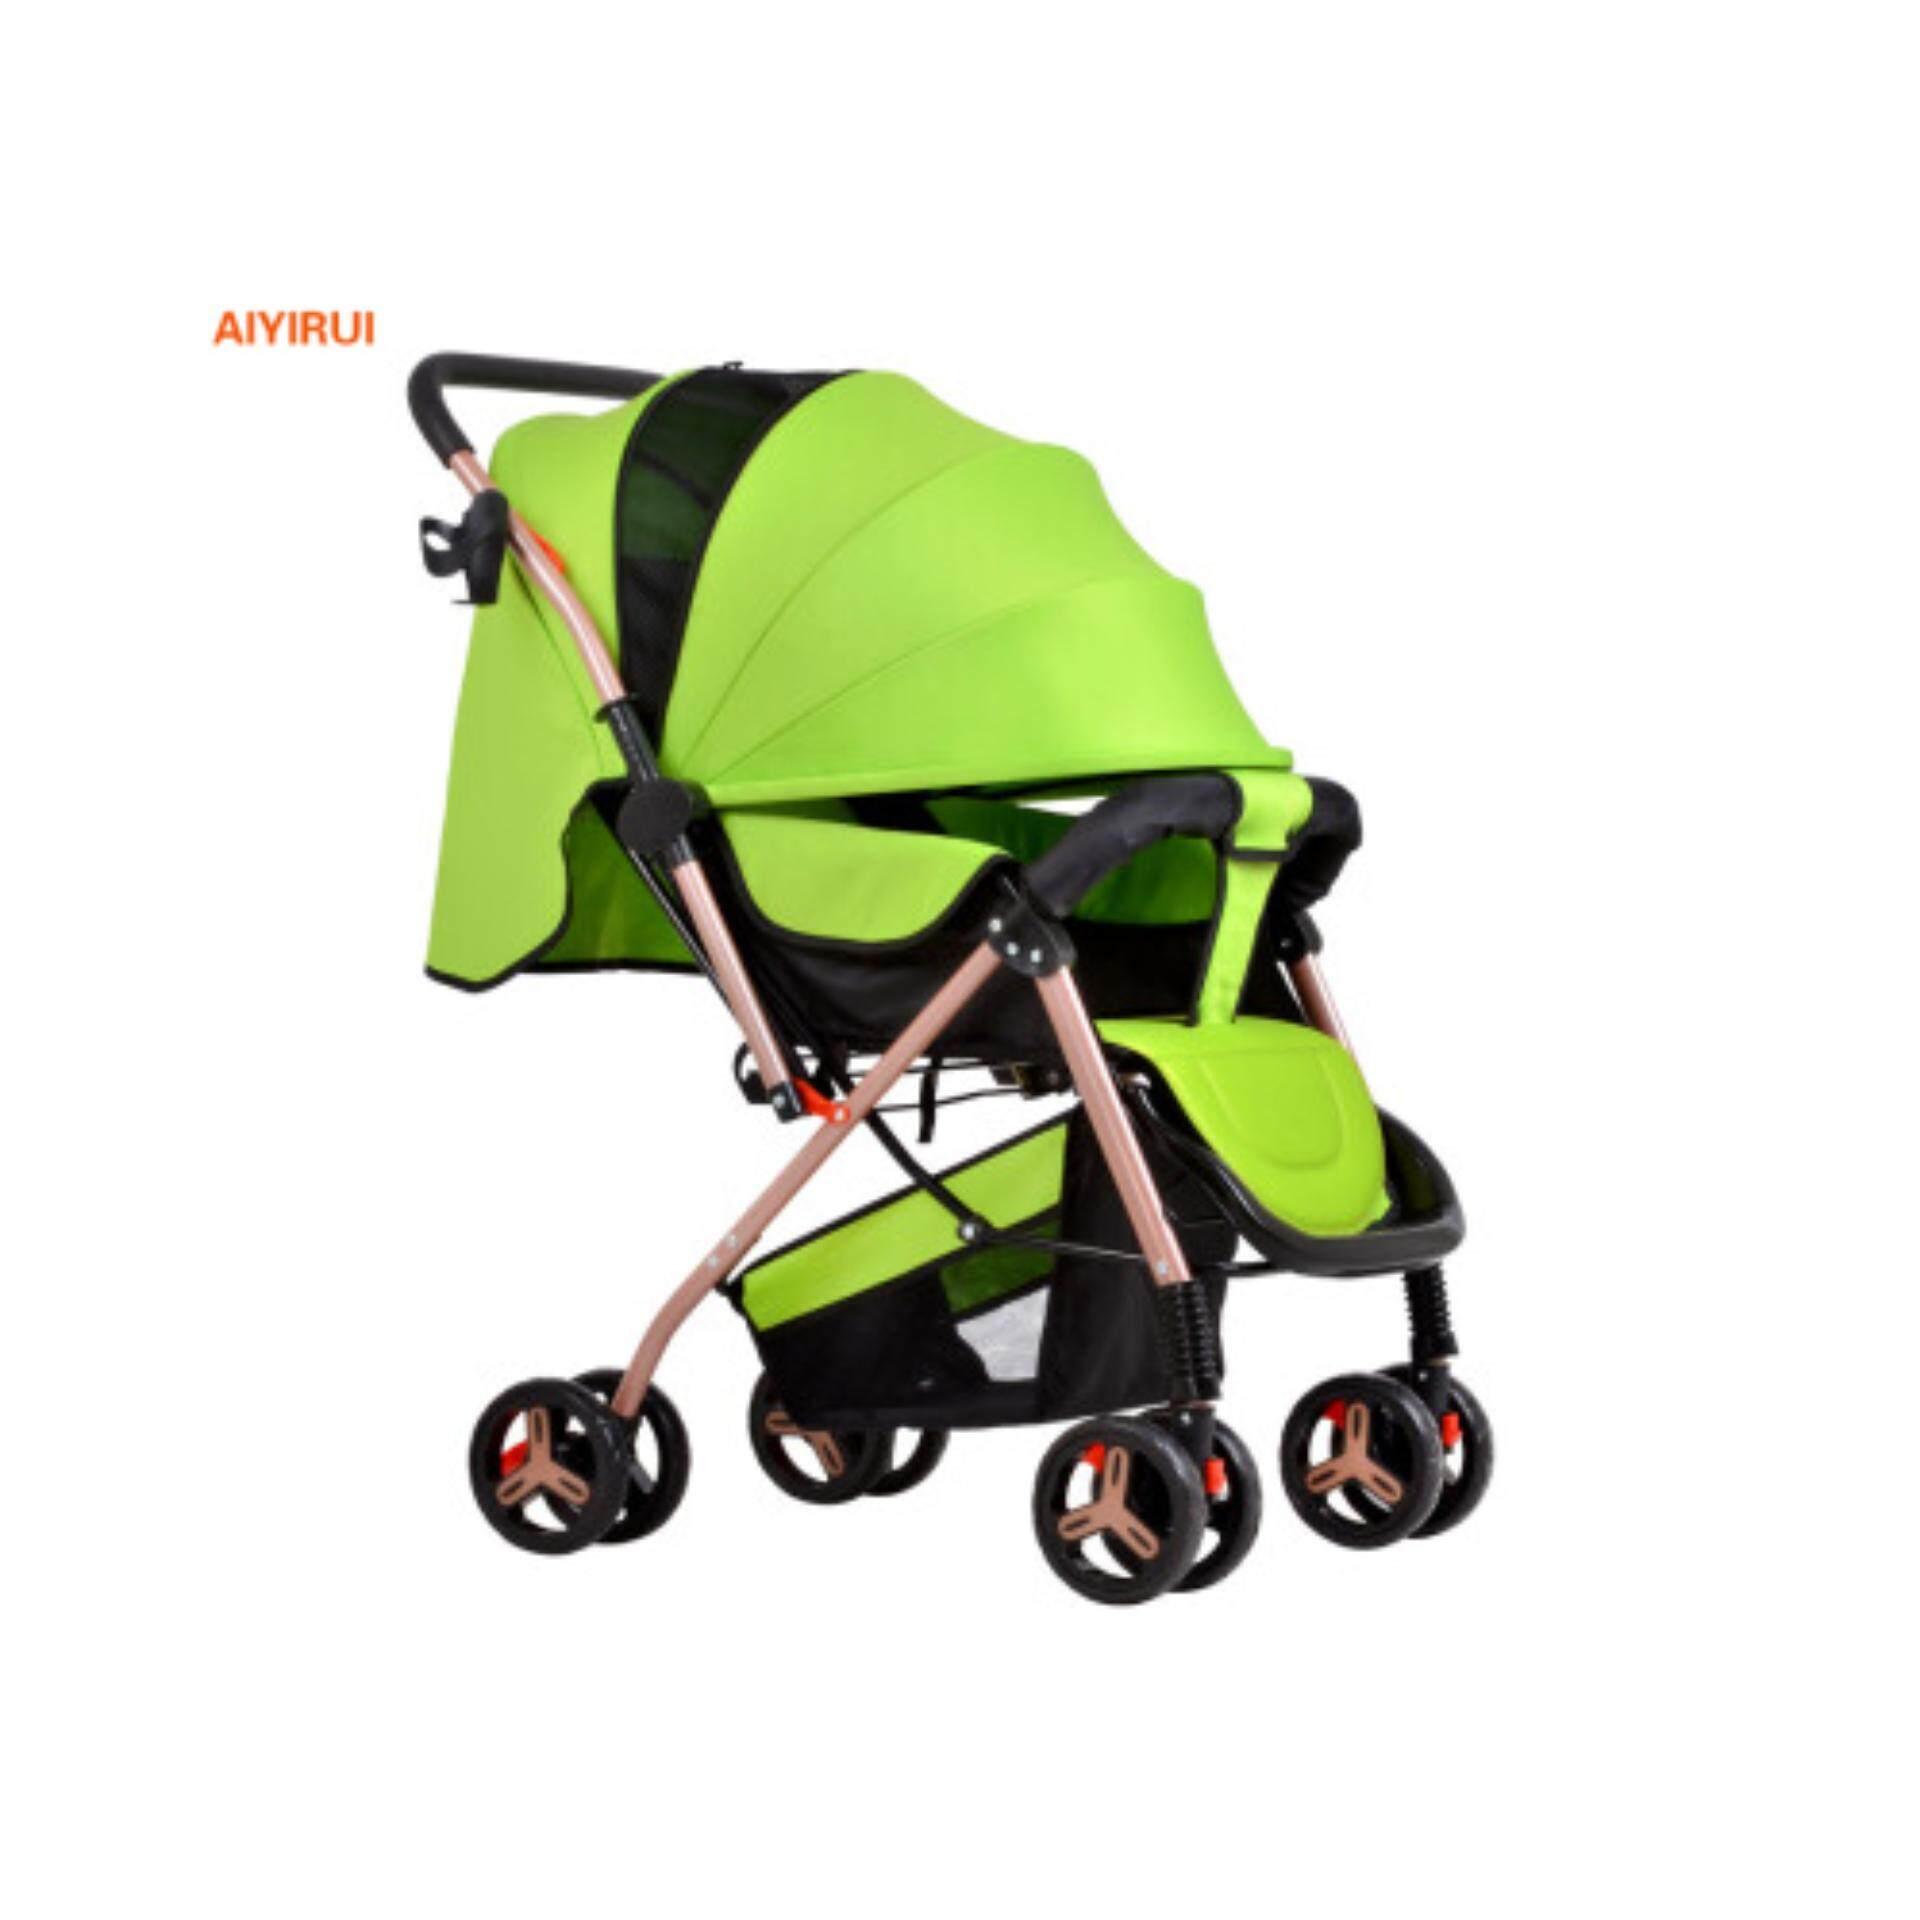 [BB29] AIYIRUI Skylight Full Cover Stroller